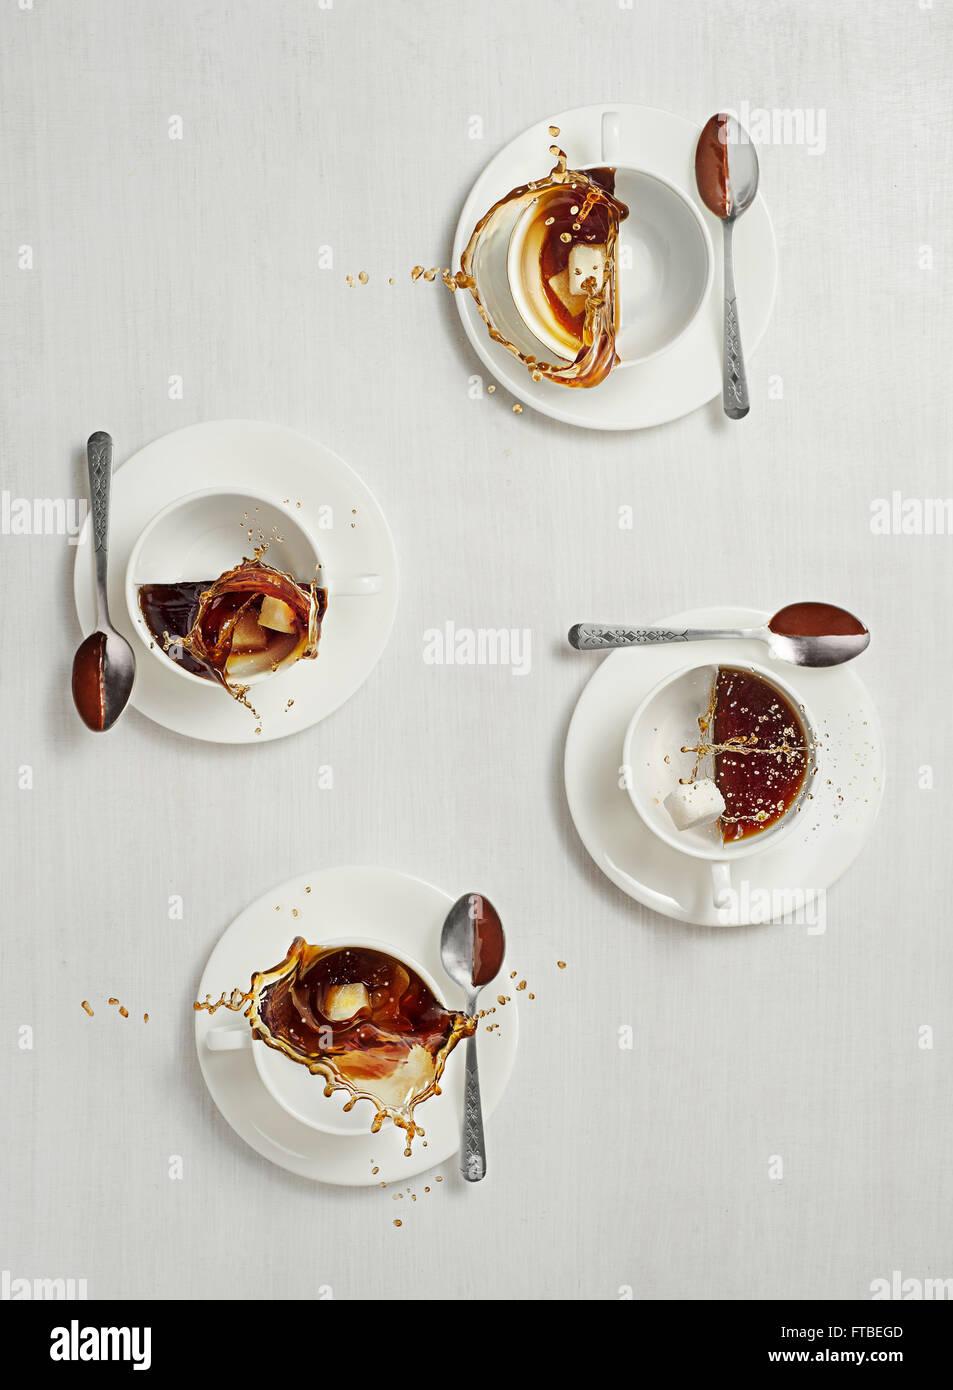 Avec du sucre sans lait Photo Stock